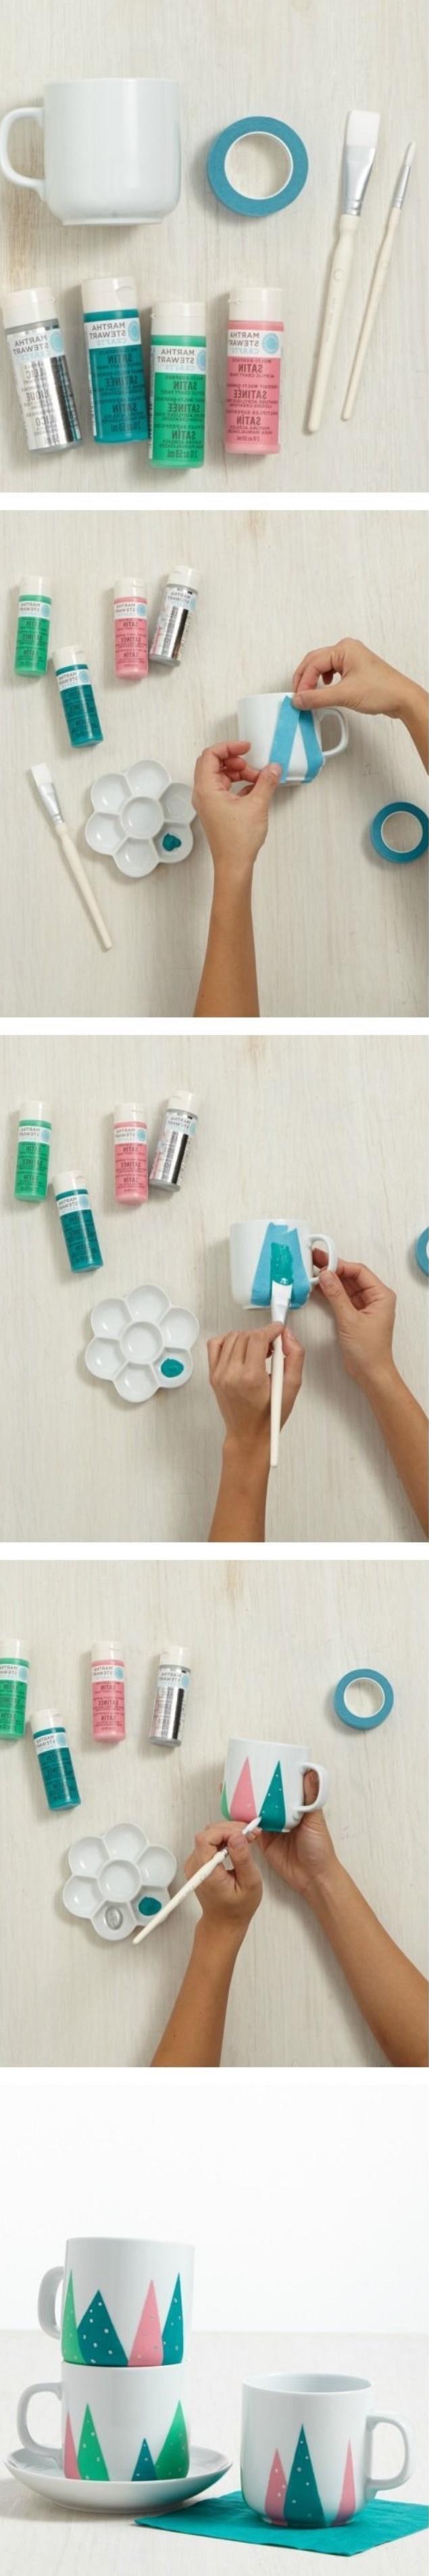 idée comment fabriquer un mug personnalisé, tasse à thé, bandes de washi tape pour créer des motifs montagne à la peinture multicolore, bricolage enfant